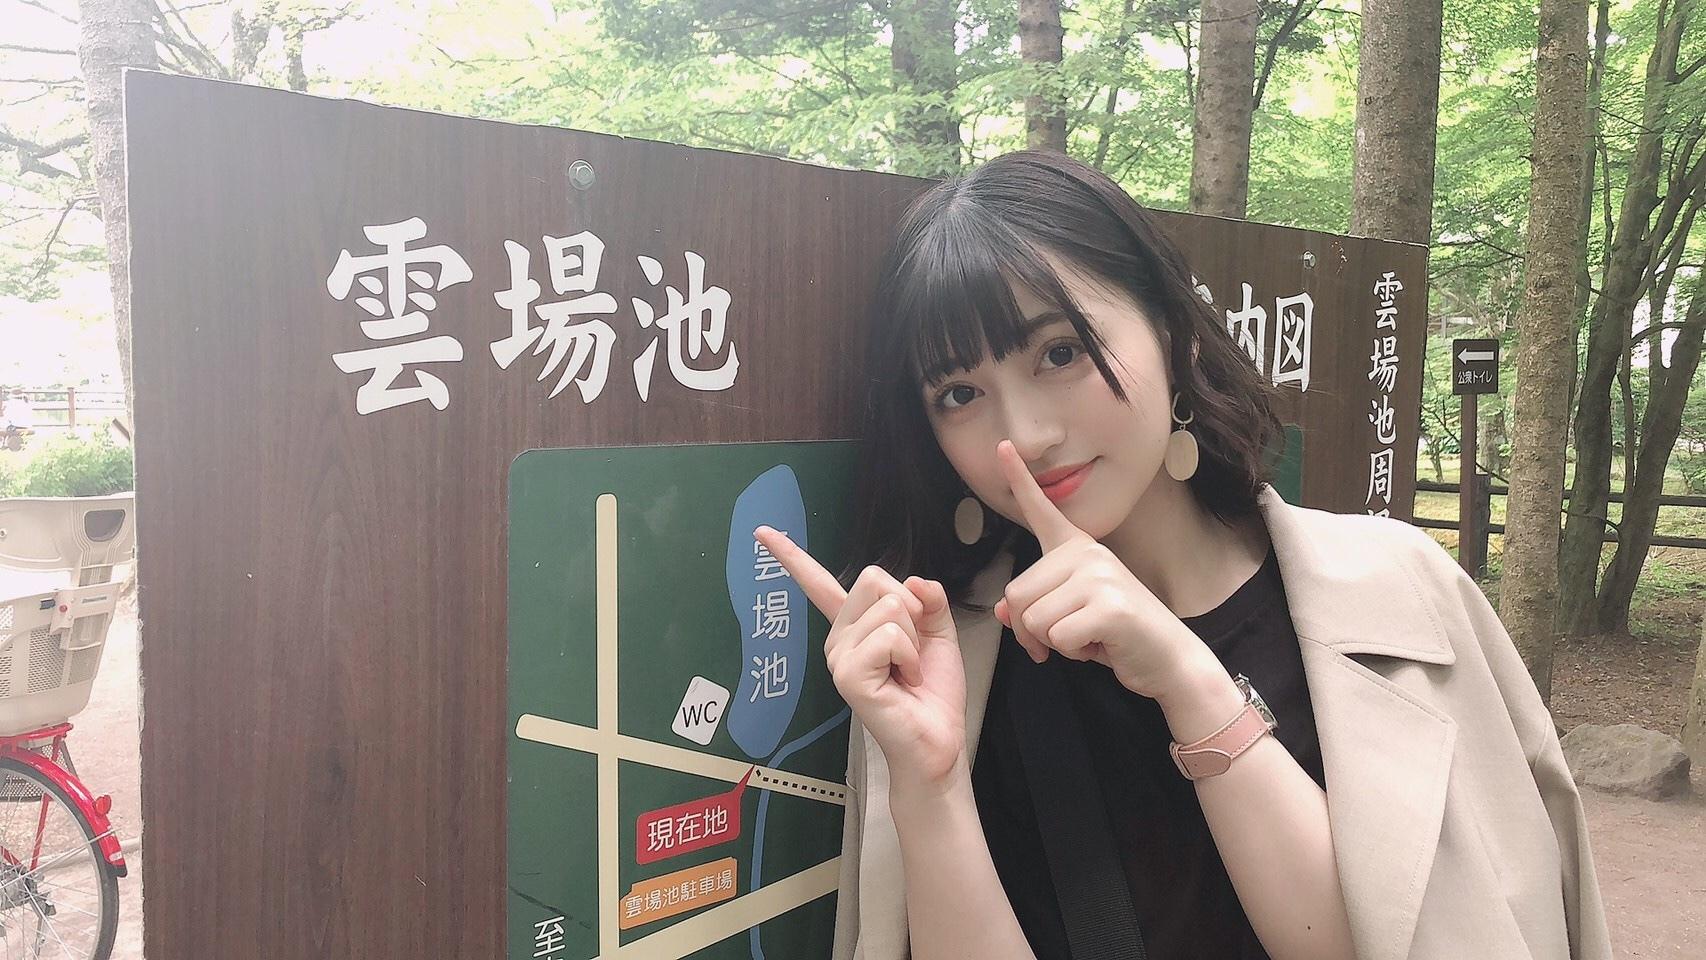 軽井沢旅行!【DAY2】_1_13